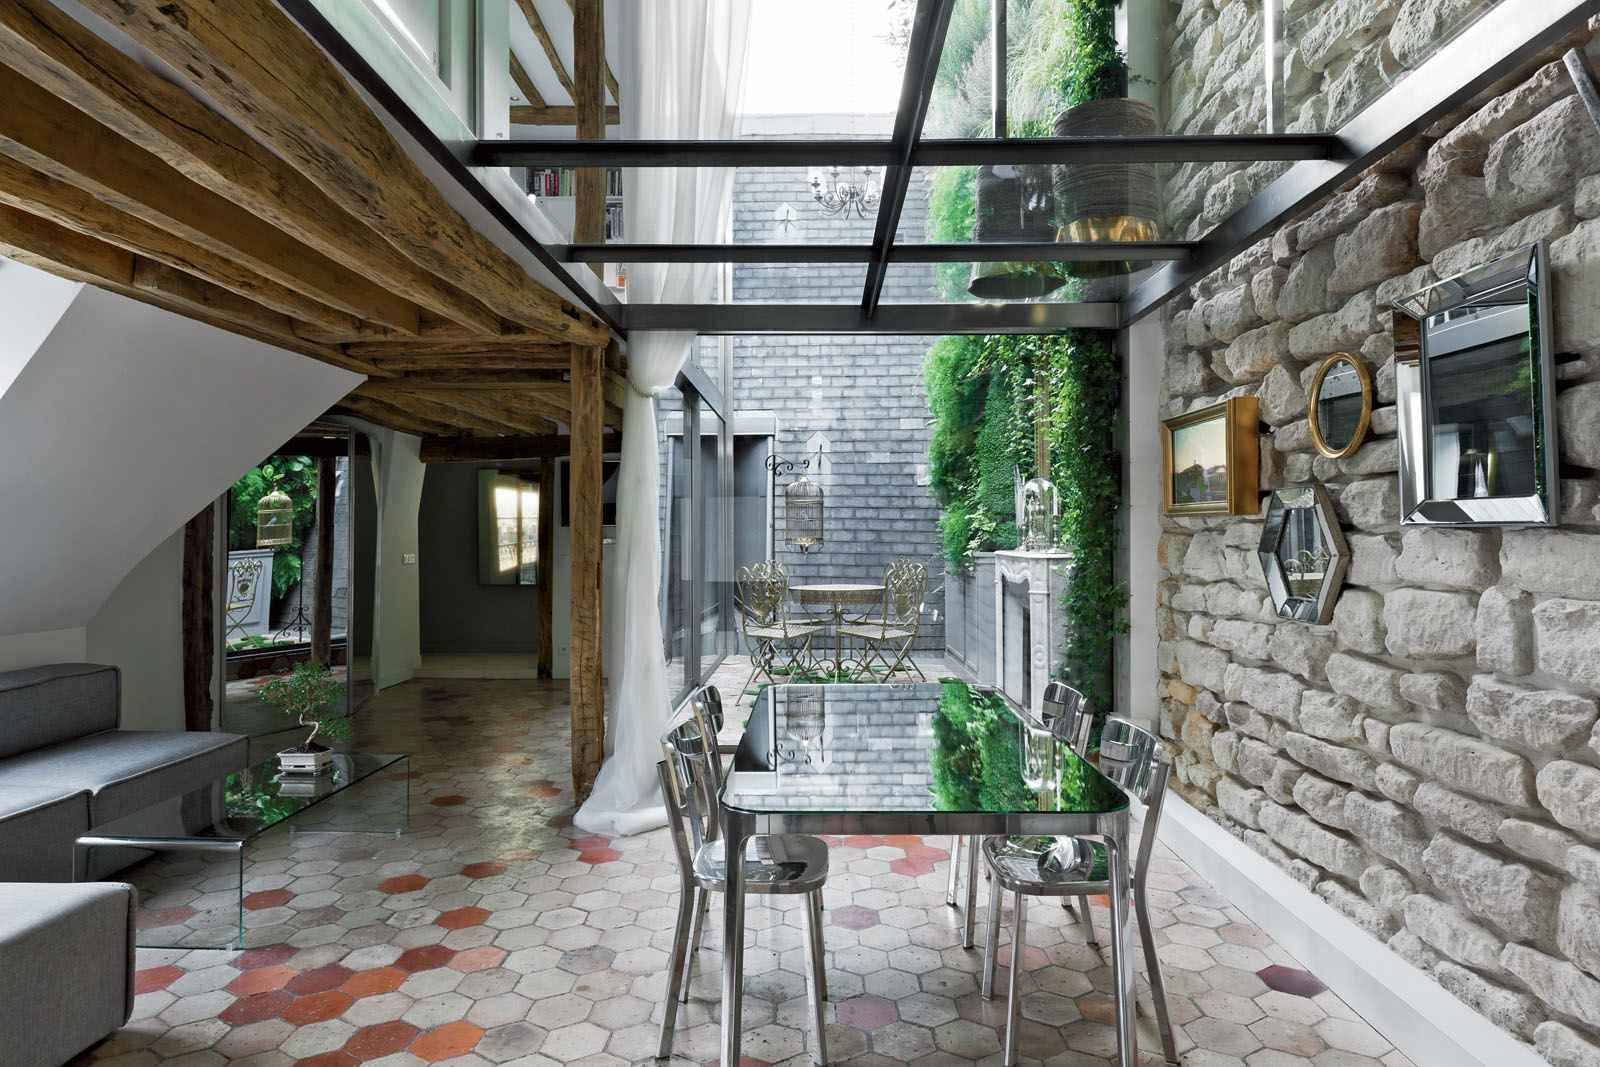 Mesmo em ambientes rústicos, o telhado de vidro é bem vindo!